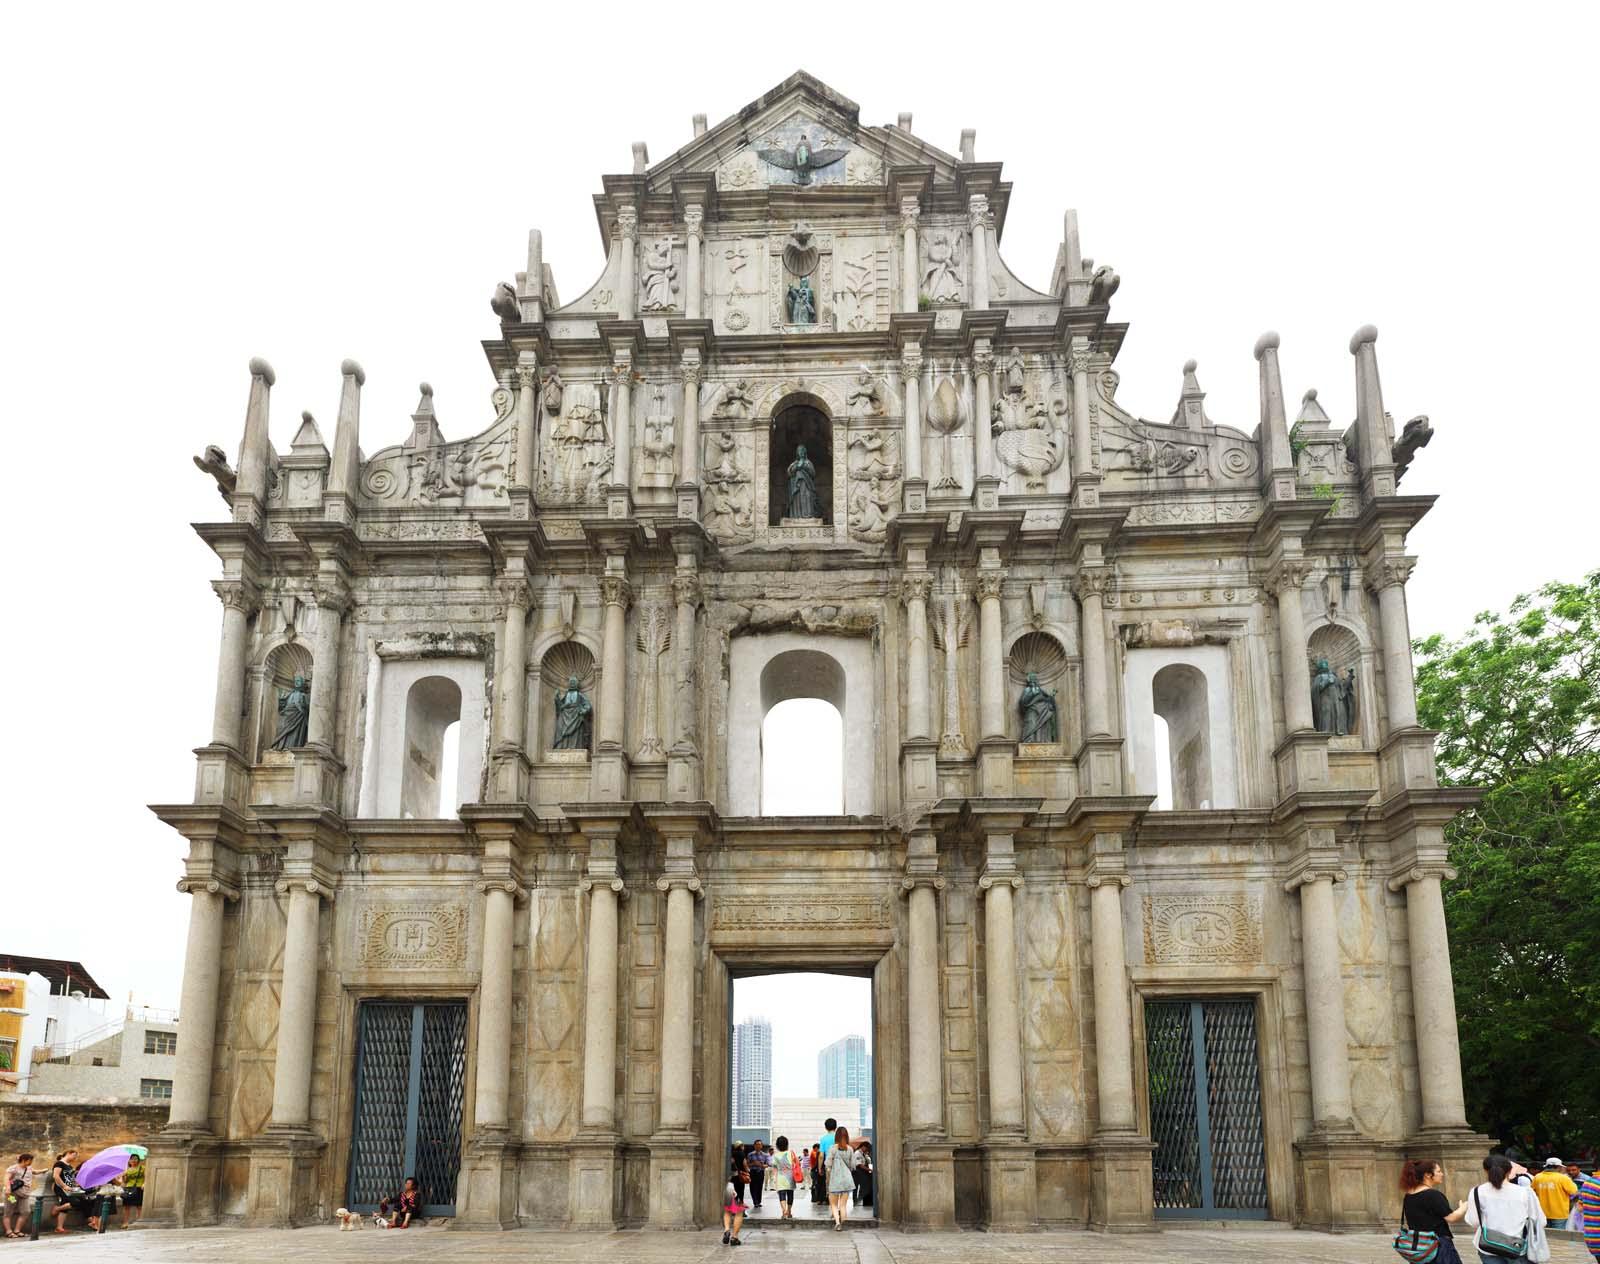 الصورة,المادة,حرر,منظر للطبيعة,جميل,صور,سانت كاتدرائية القديس بول (الكاتدرائية) مارك, , , ,